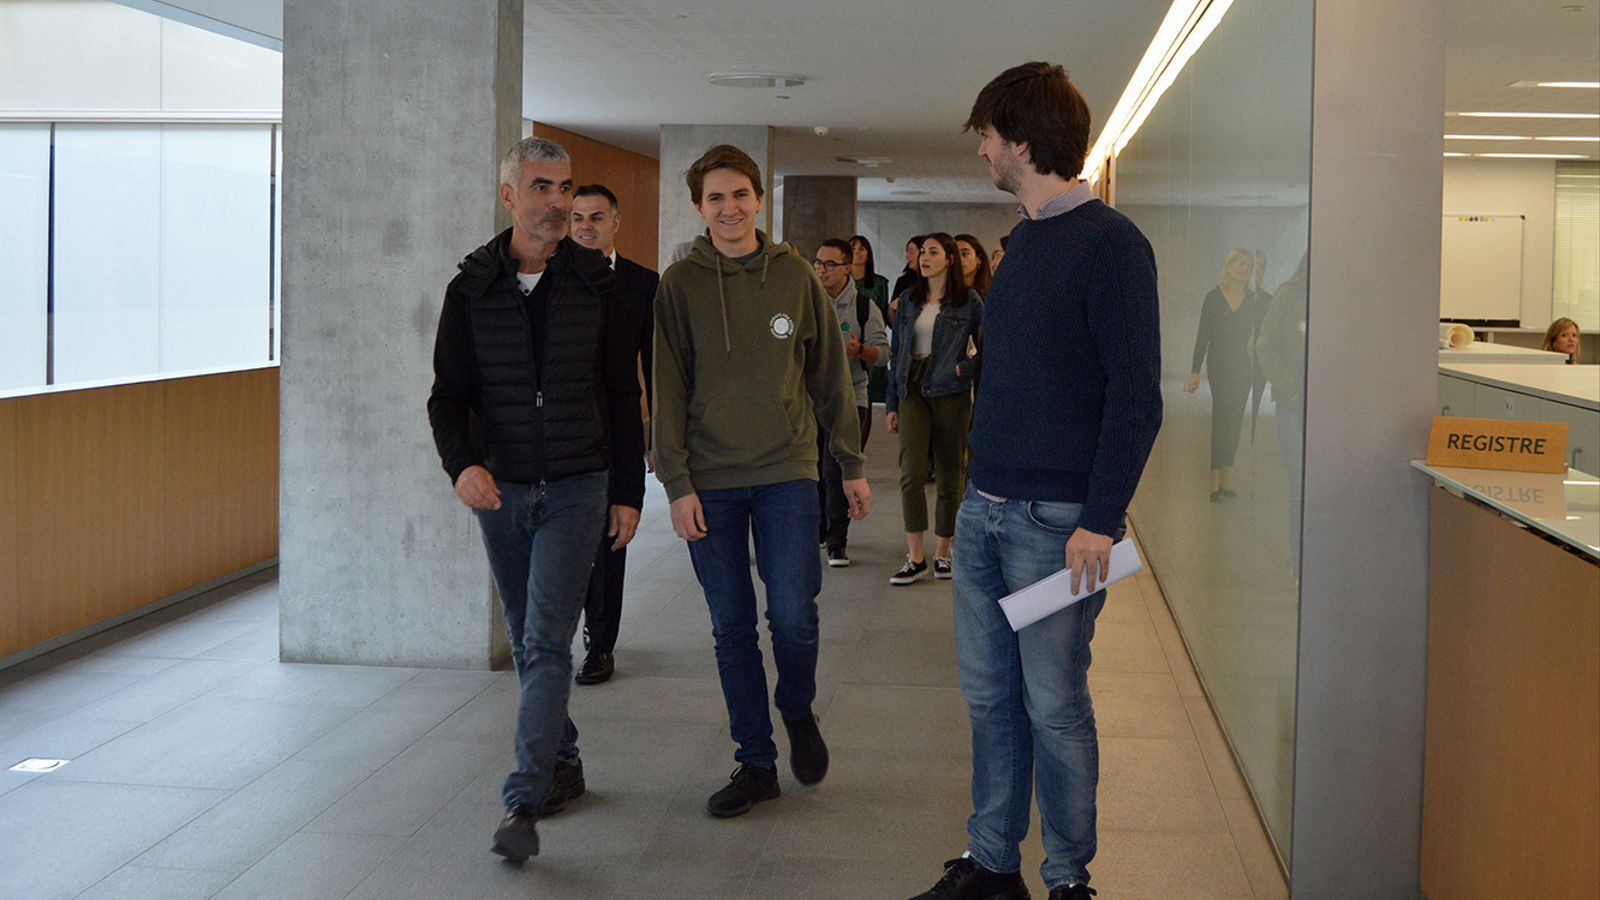 Mateu Bracque del Fridays For Future amb el president del grup parlamentari demòcrata, Carles Ensenyat i el president suplent del liberal, Marc Magallon, moments abans d'entrar la proposta a tràmit. / M. F.